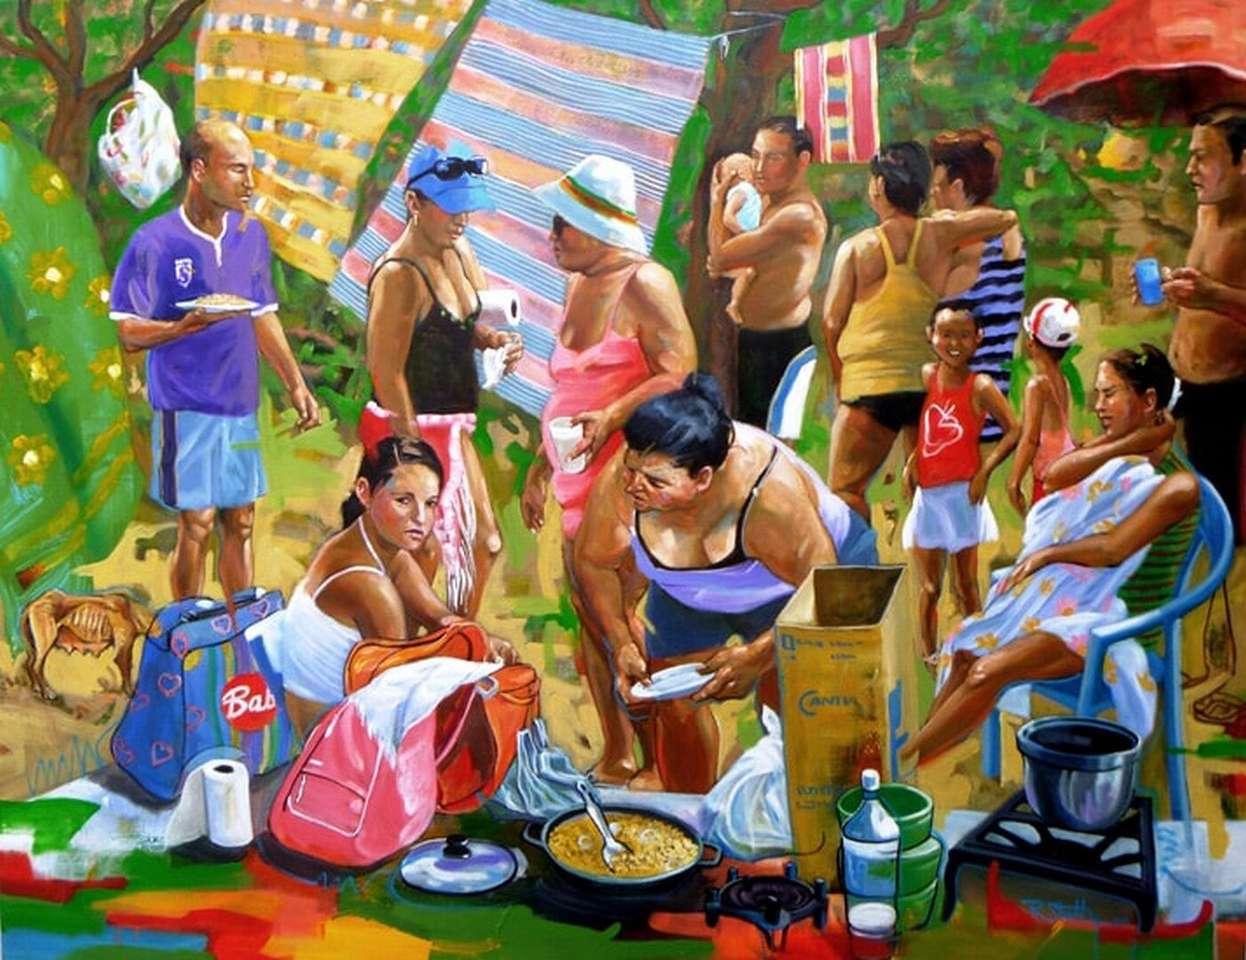 MUNCA DE ARTA - Operele de artă sunt modalități de a-ți exprima sentimentele (11×9)